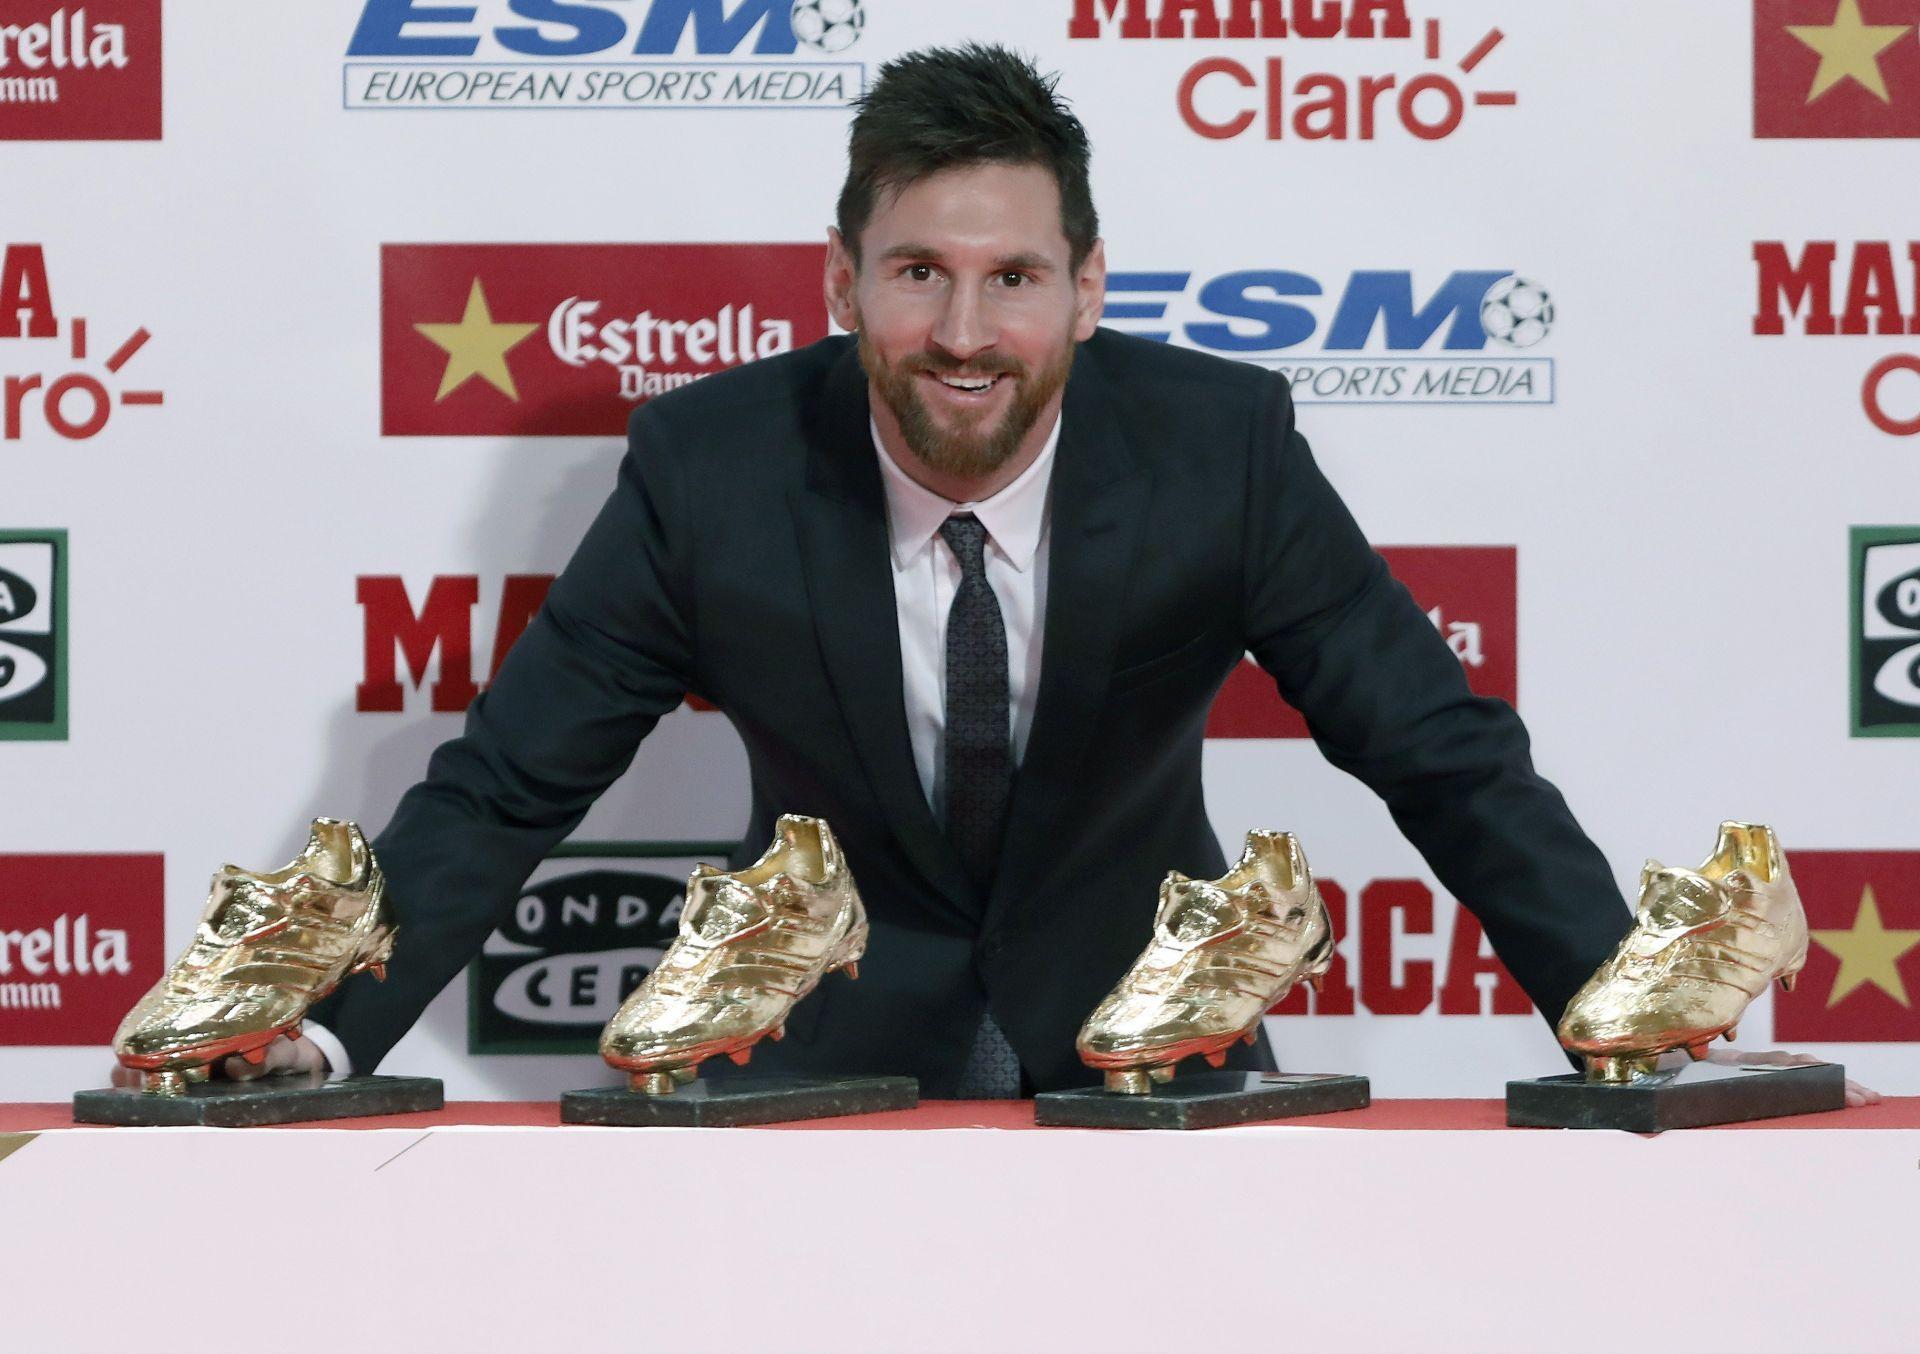 El delantero argentino del FC Barcelona, Lionel Messi, posa para la prensa gráfica, tras recibir la Bota de Oro por la temporada 2016-2017, con los cuatro galardones que ha recibido en su carrera en la gala que se ha celebrado hoy en Barcelona.